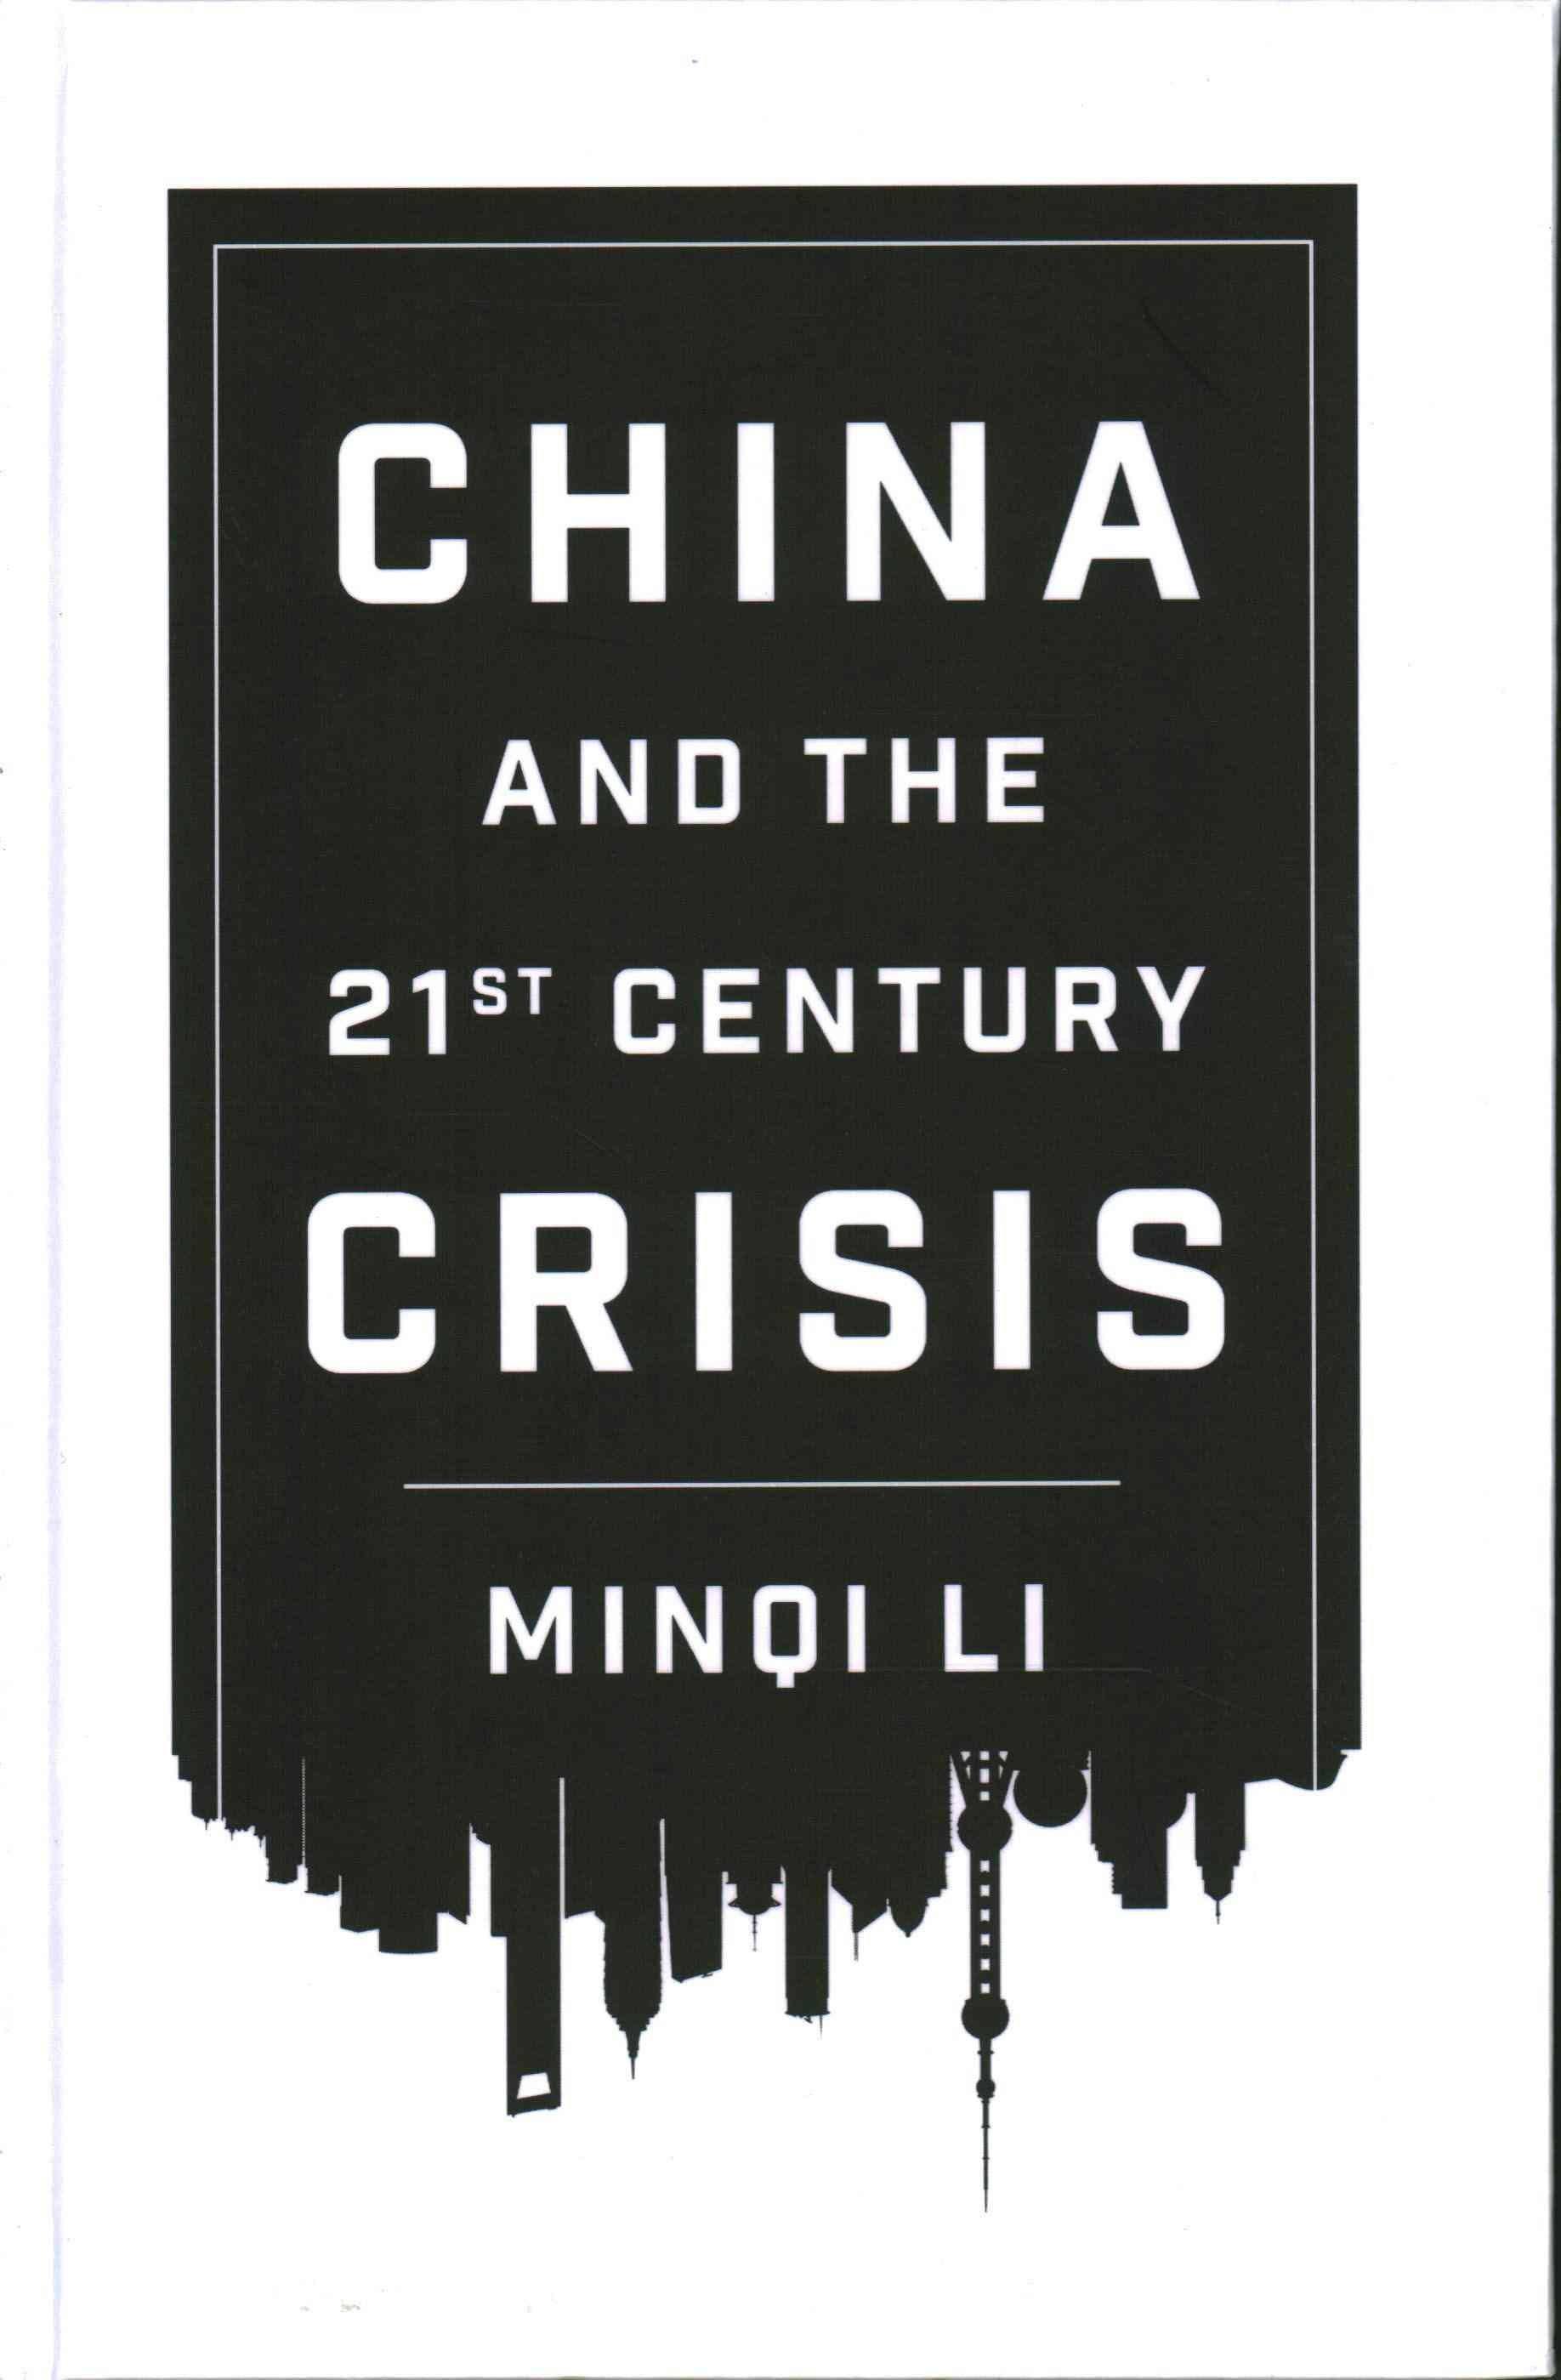 Us and world economic crisises essay